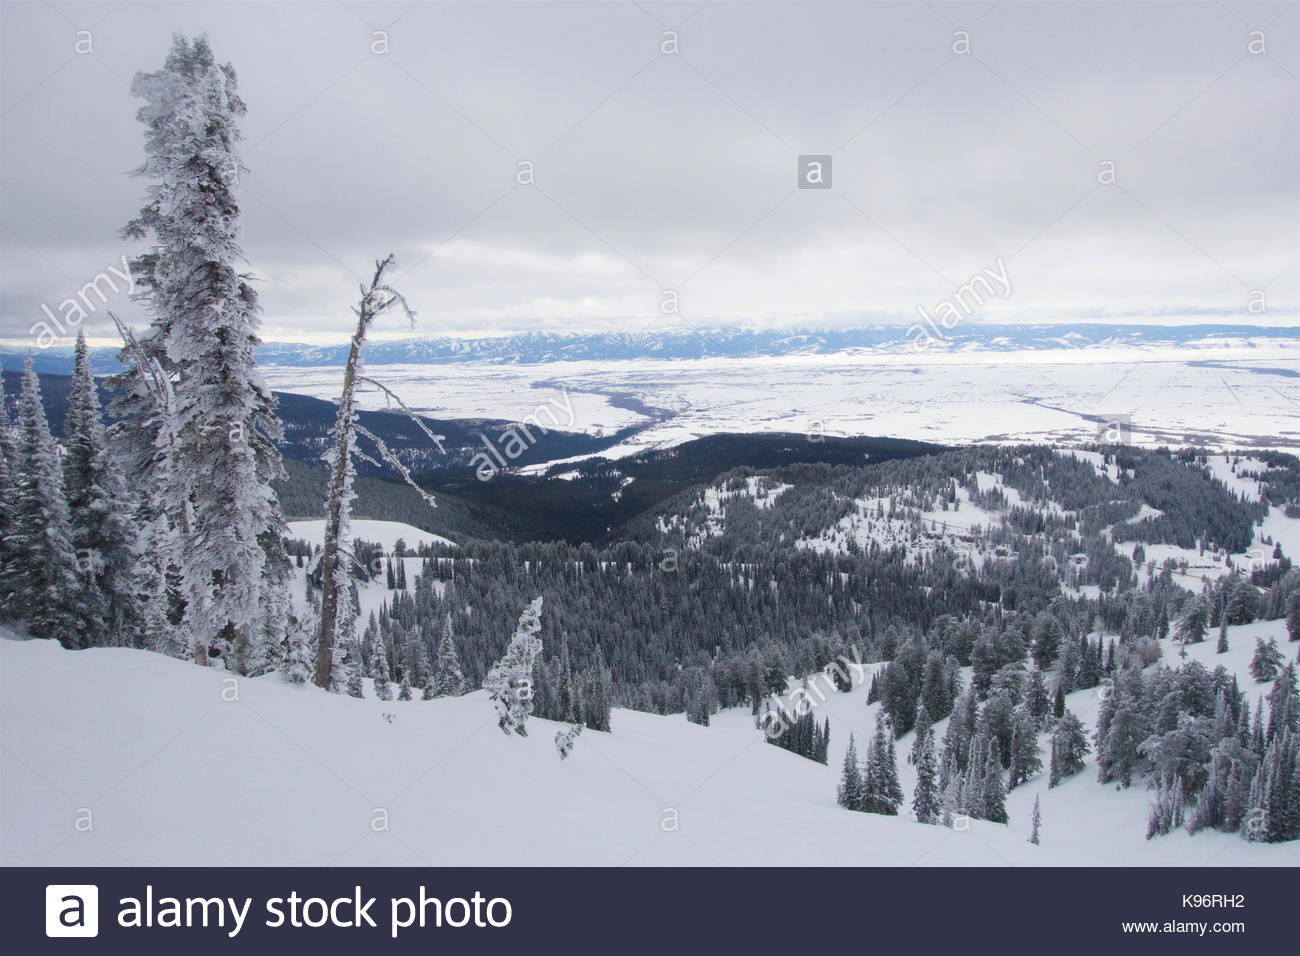 Escena de invierno con nieve y escarcha cubiertas de árboles en las montañas. Imagen De Stock